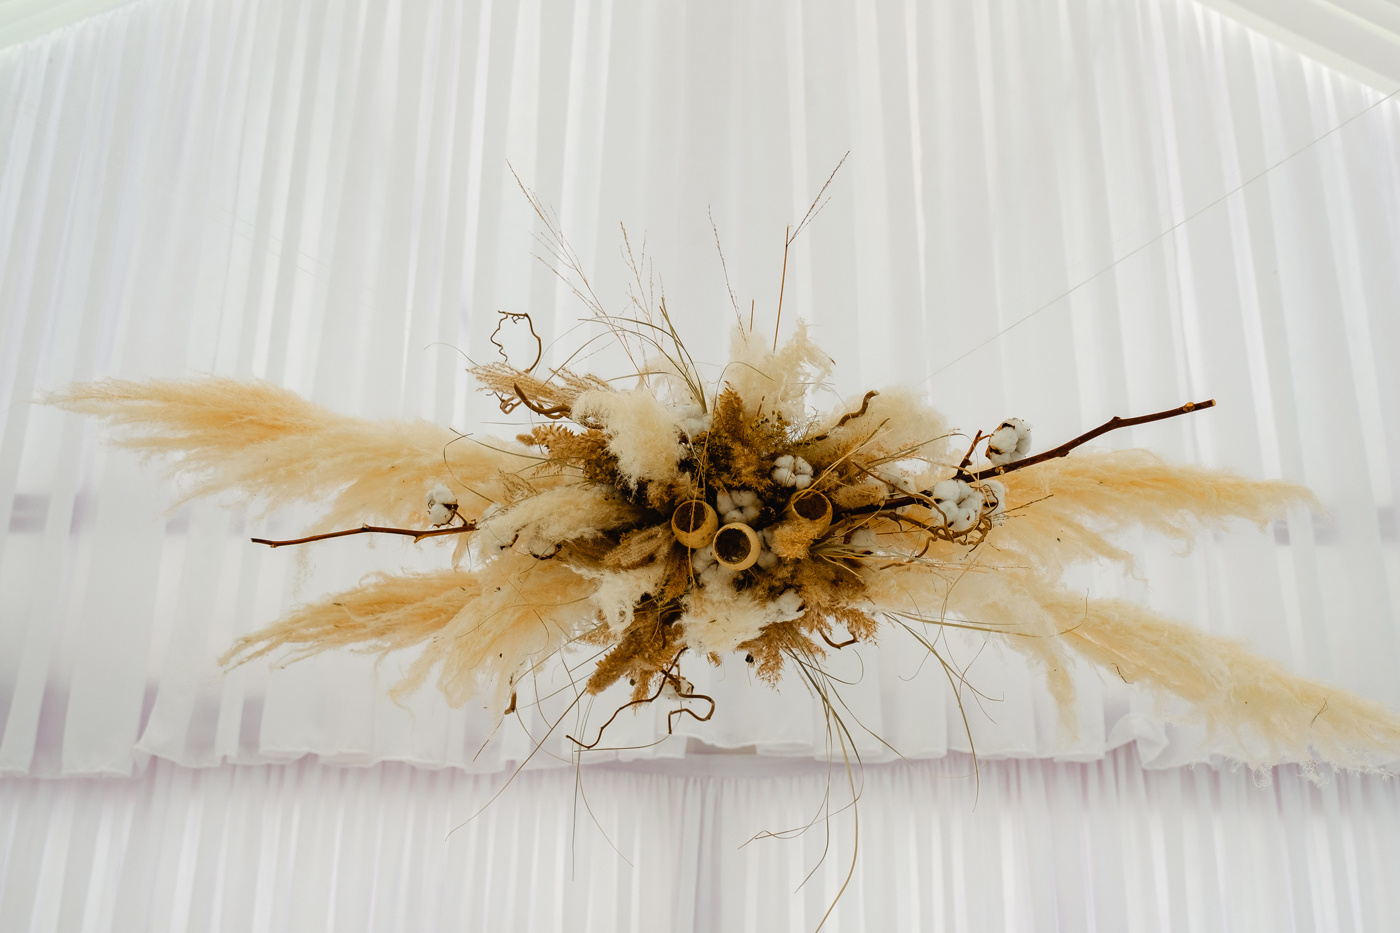 «Путешествие начинается»: тематическая свадьба в шатре